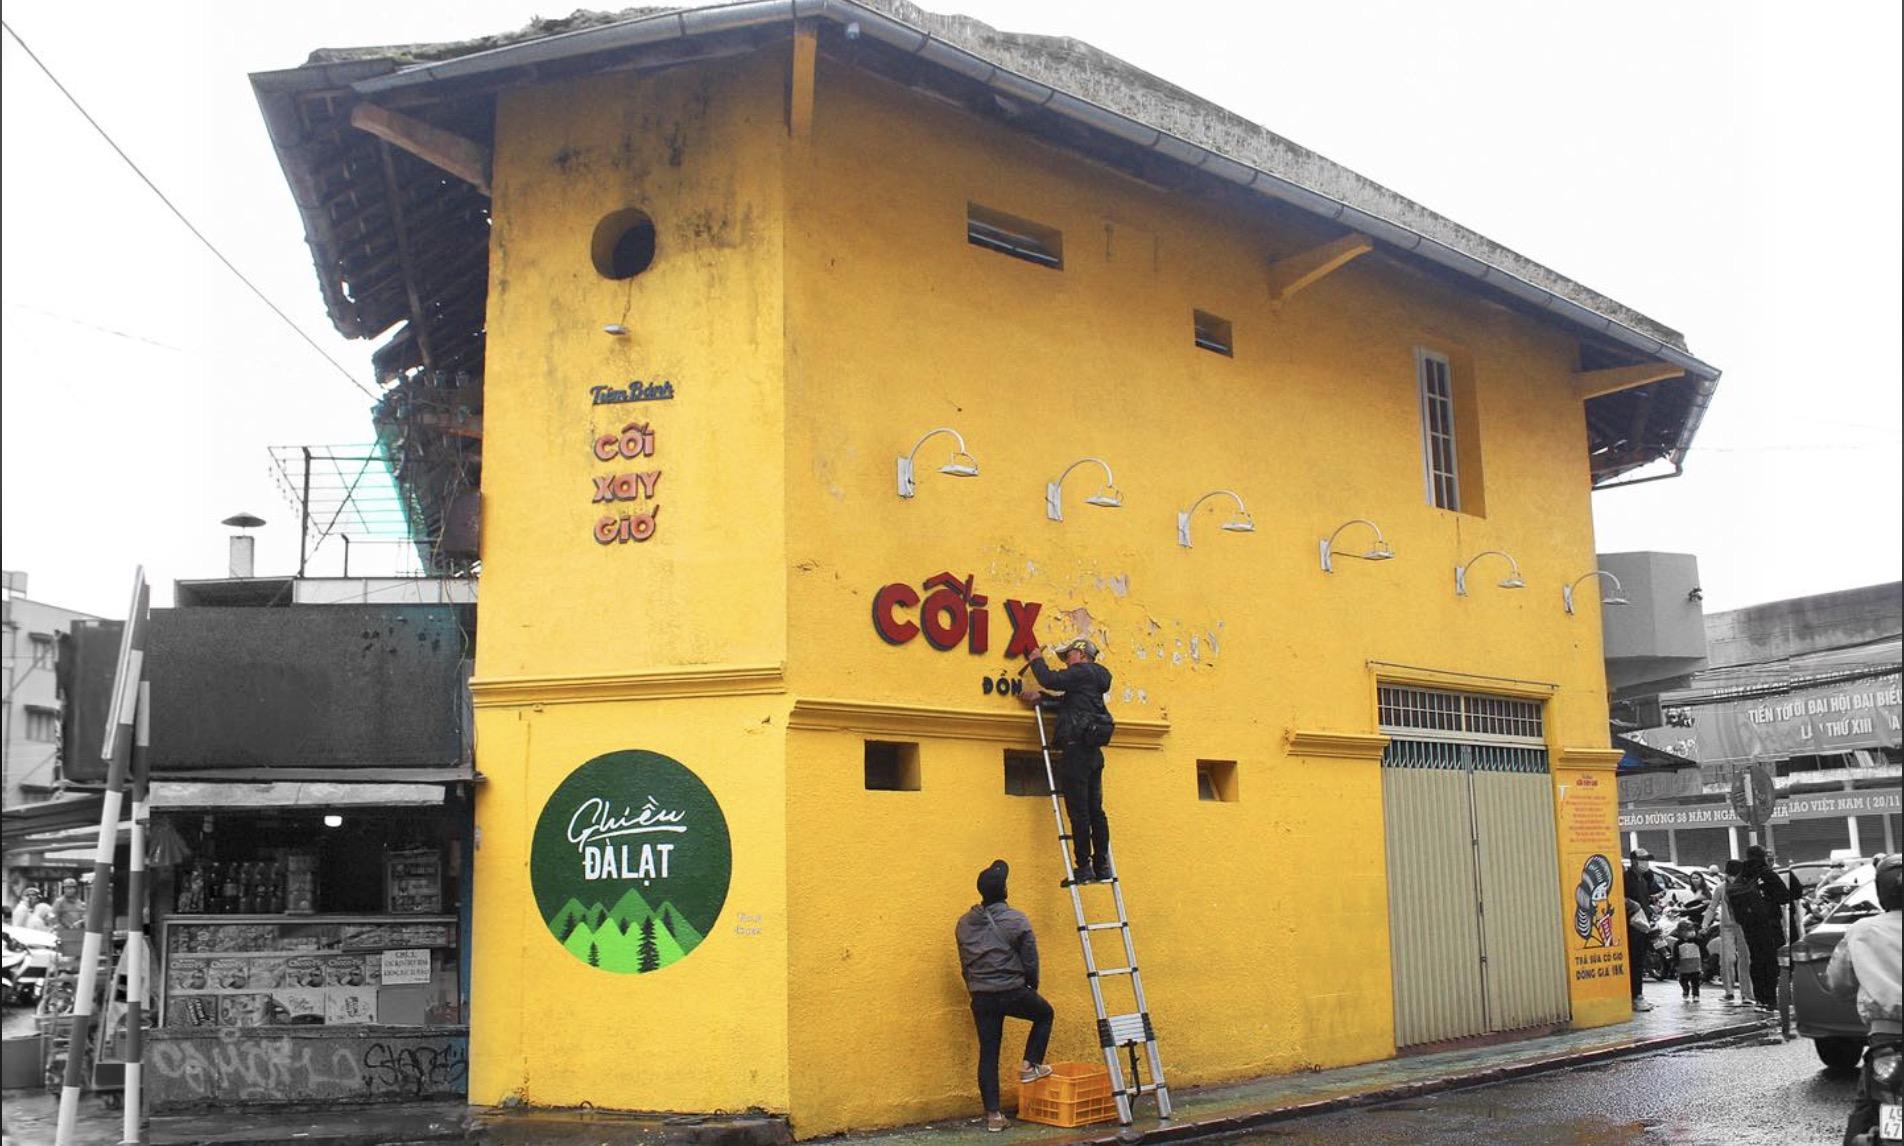 Bức tường vàng ở tiệm bánh Cối Xay Gió nổi tiếng Đà Lạt chính thức đóng cửa: Tạm biệt và hẹn ngày trở lại! 0